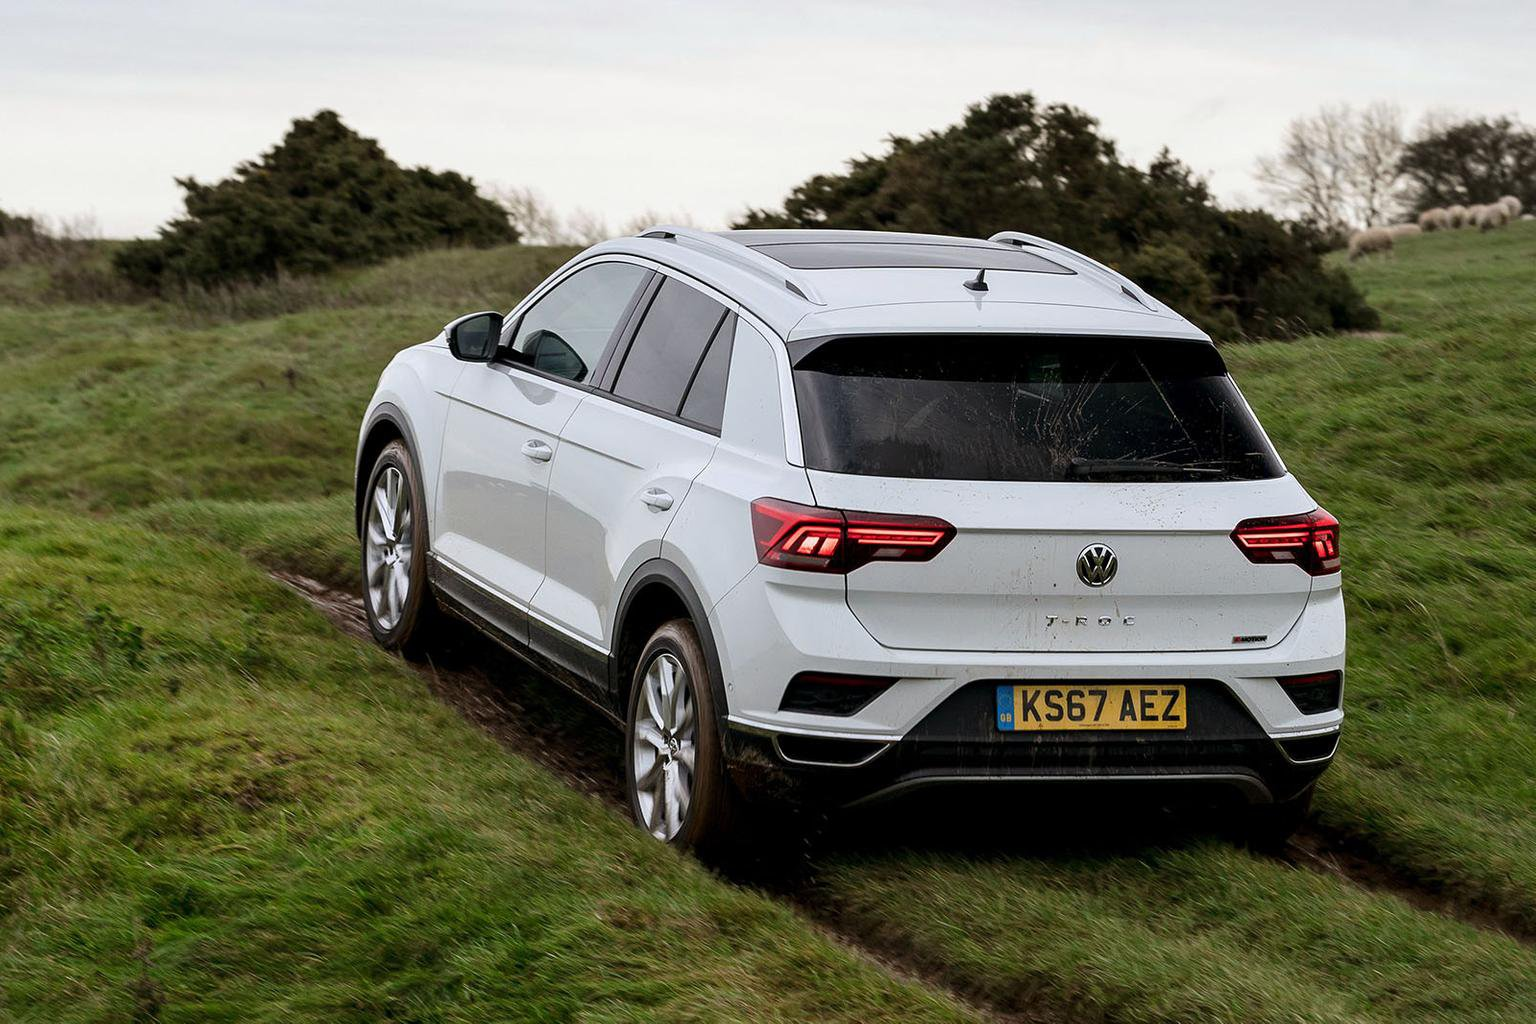 2018 Volkswagen T-Roc 2.0 TSI 190 review – verdict